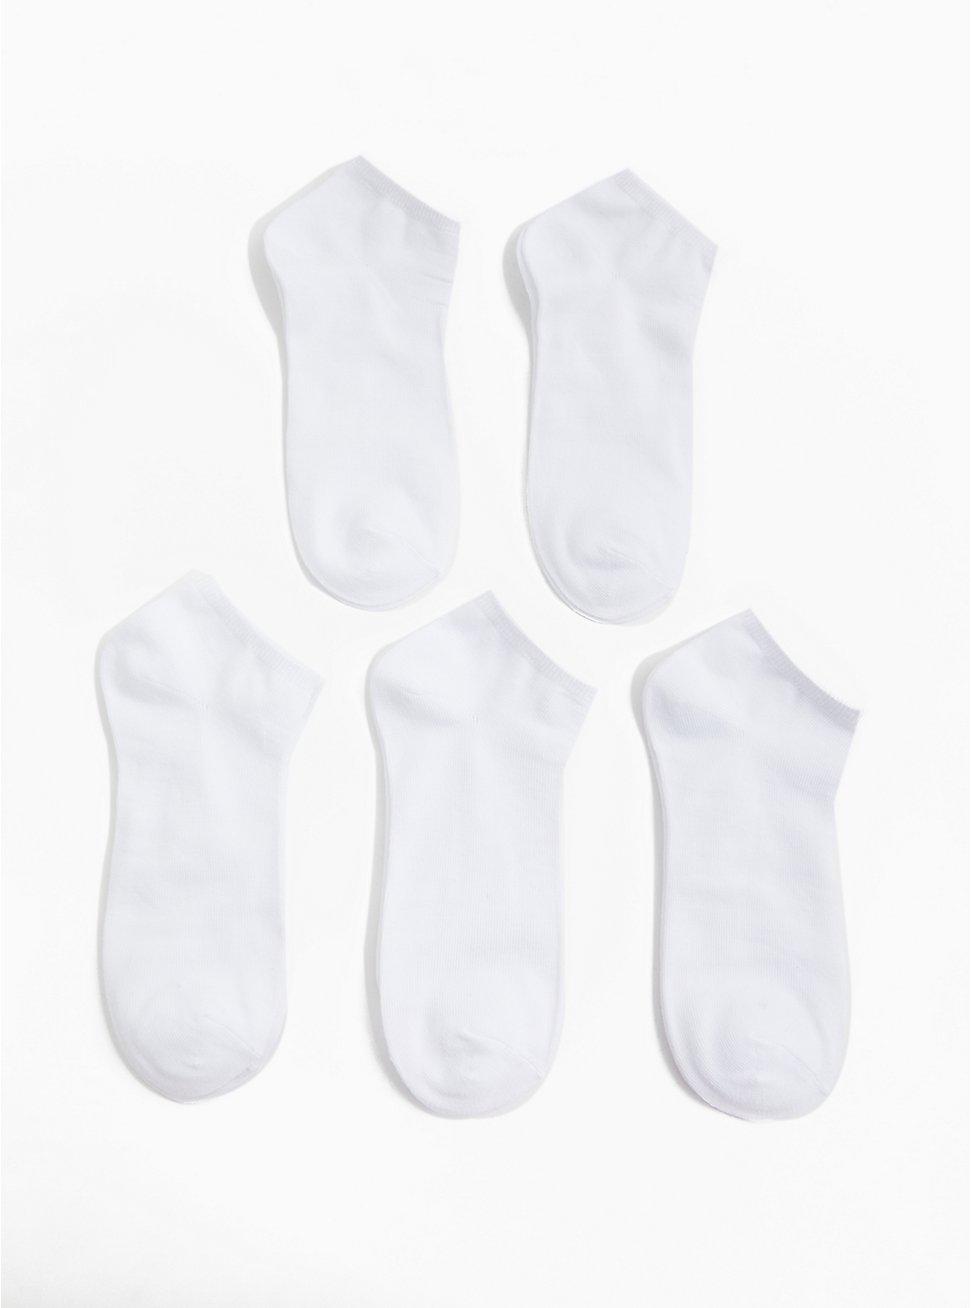 White Cotton Ankle Socks Pack - Pack of 5, WHITE, hi-res